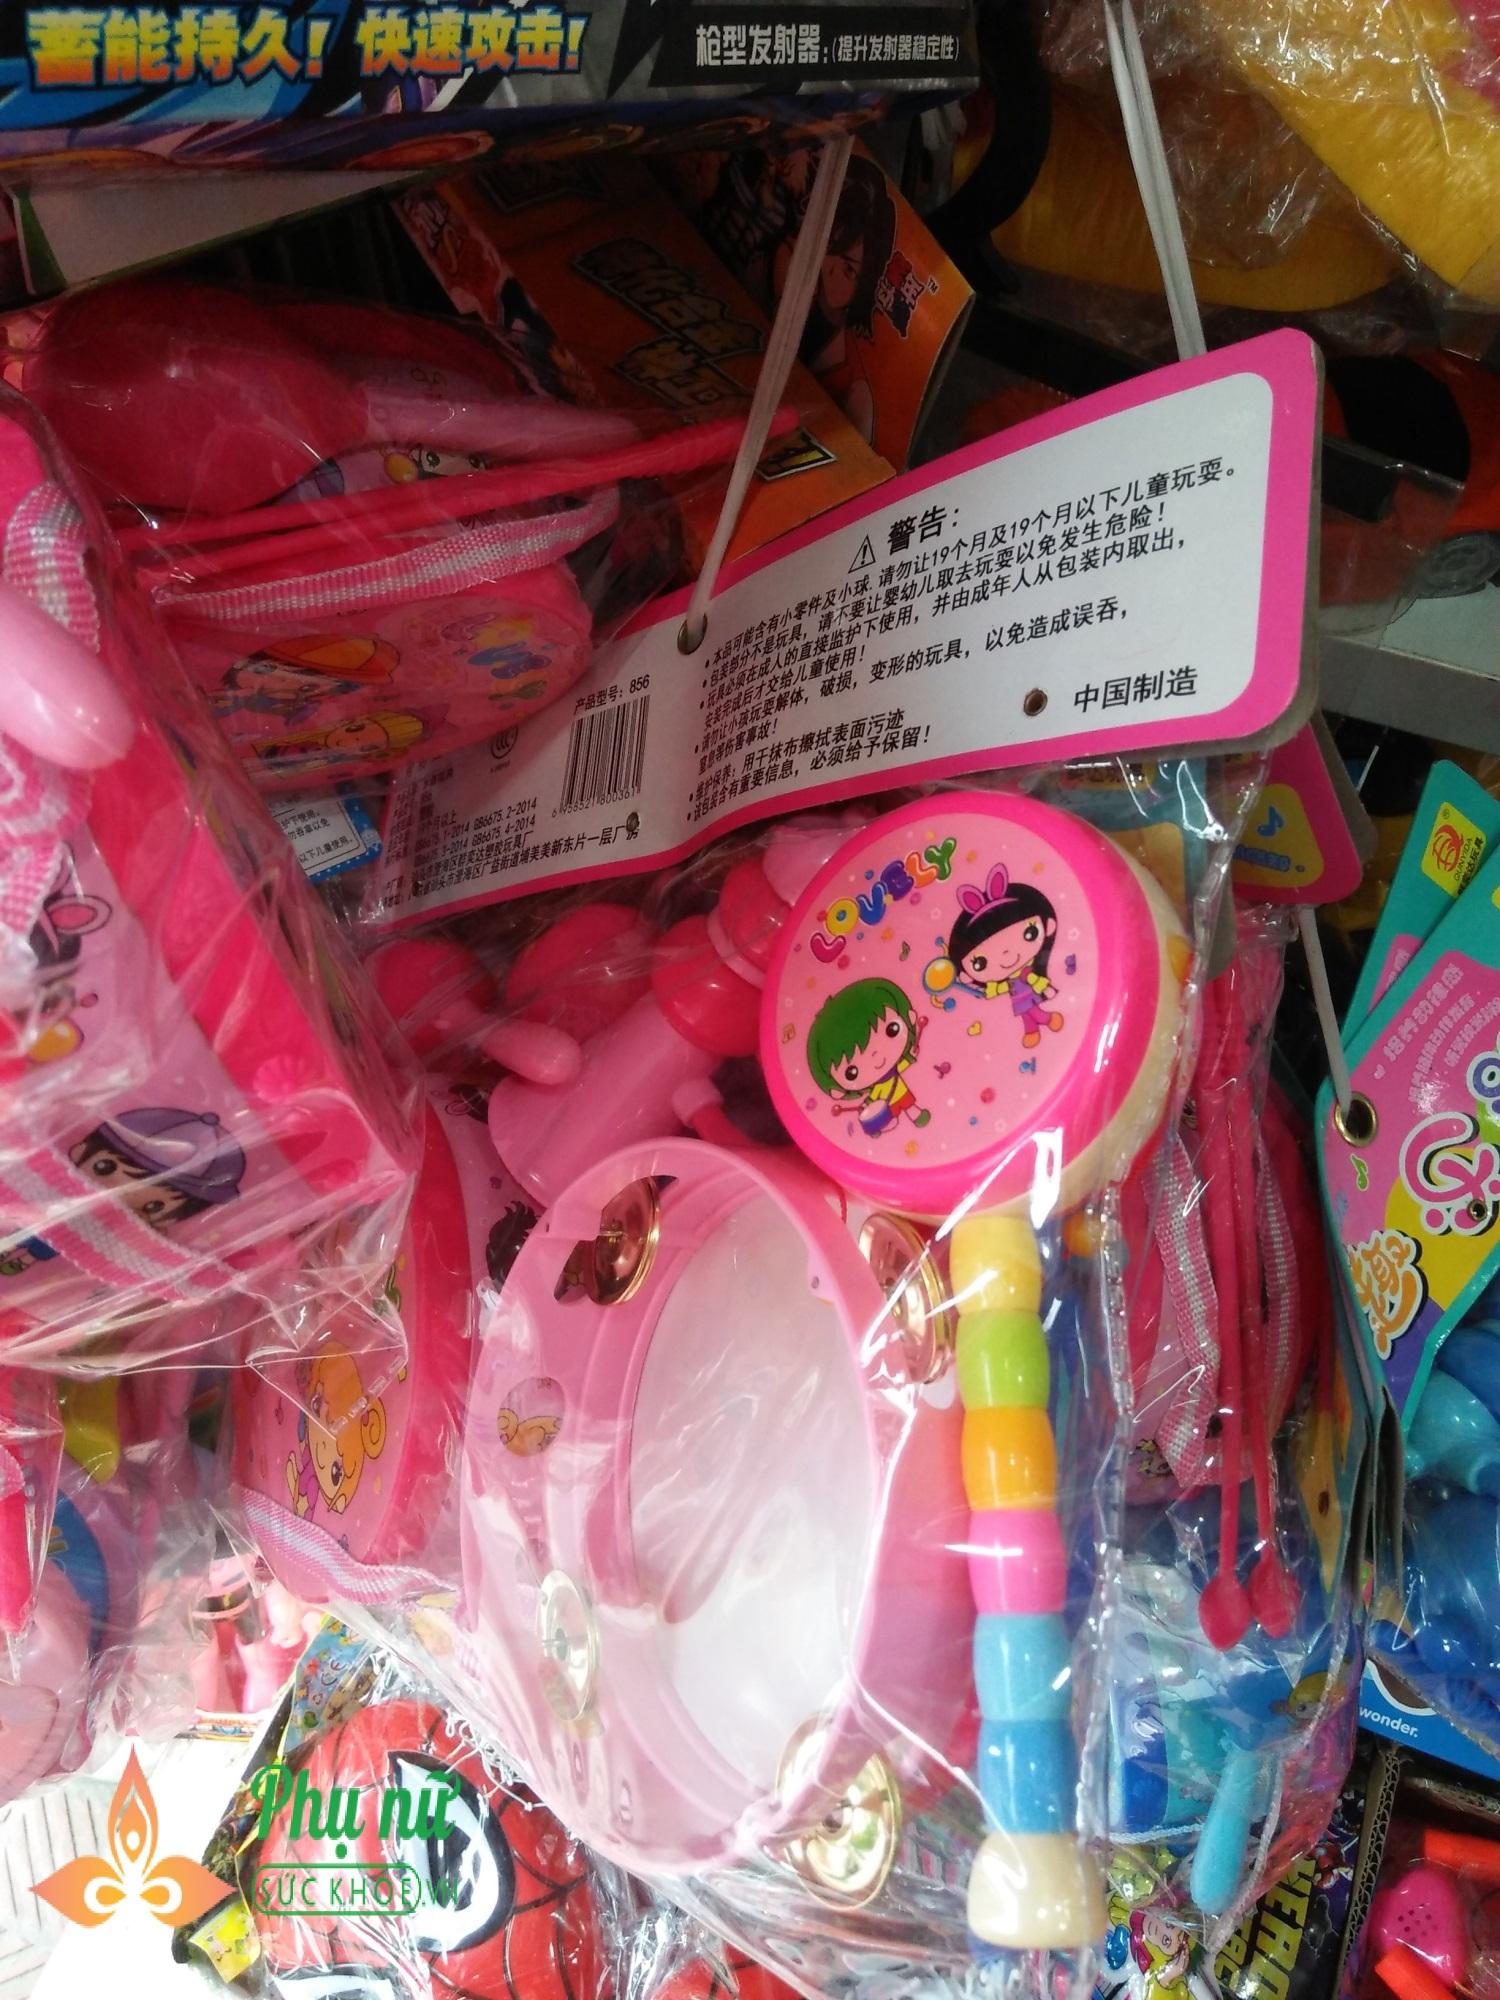 Cha mẹ lo ngại khi mặt nạ lông lá, rùng rợn bán nhan nhản chợ đồ chơi Trung thu - Ảnh 3